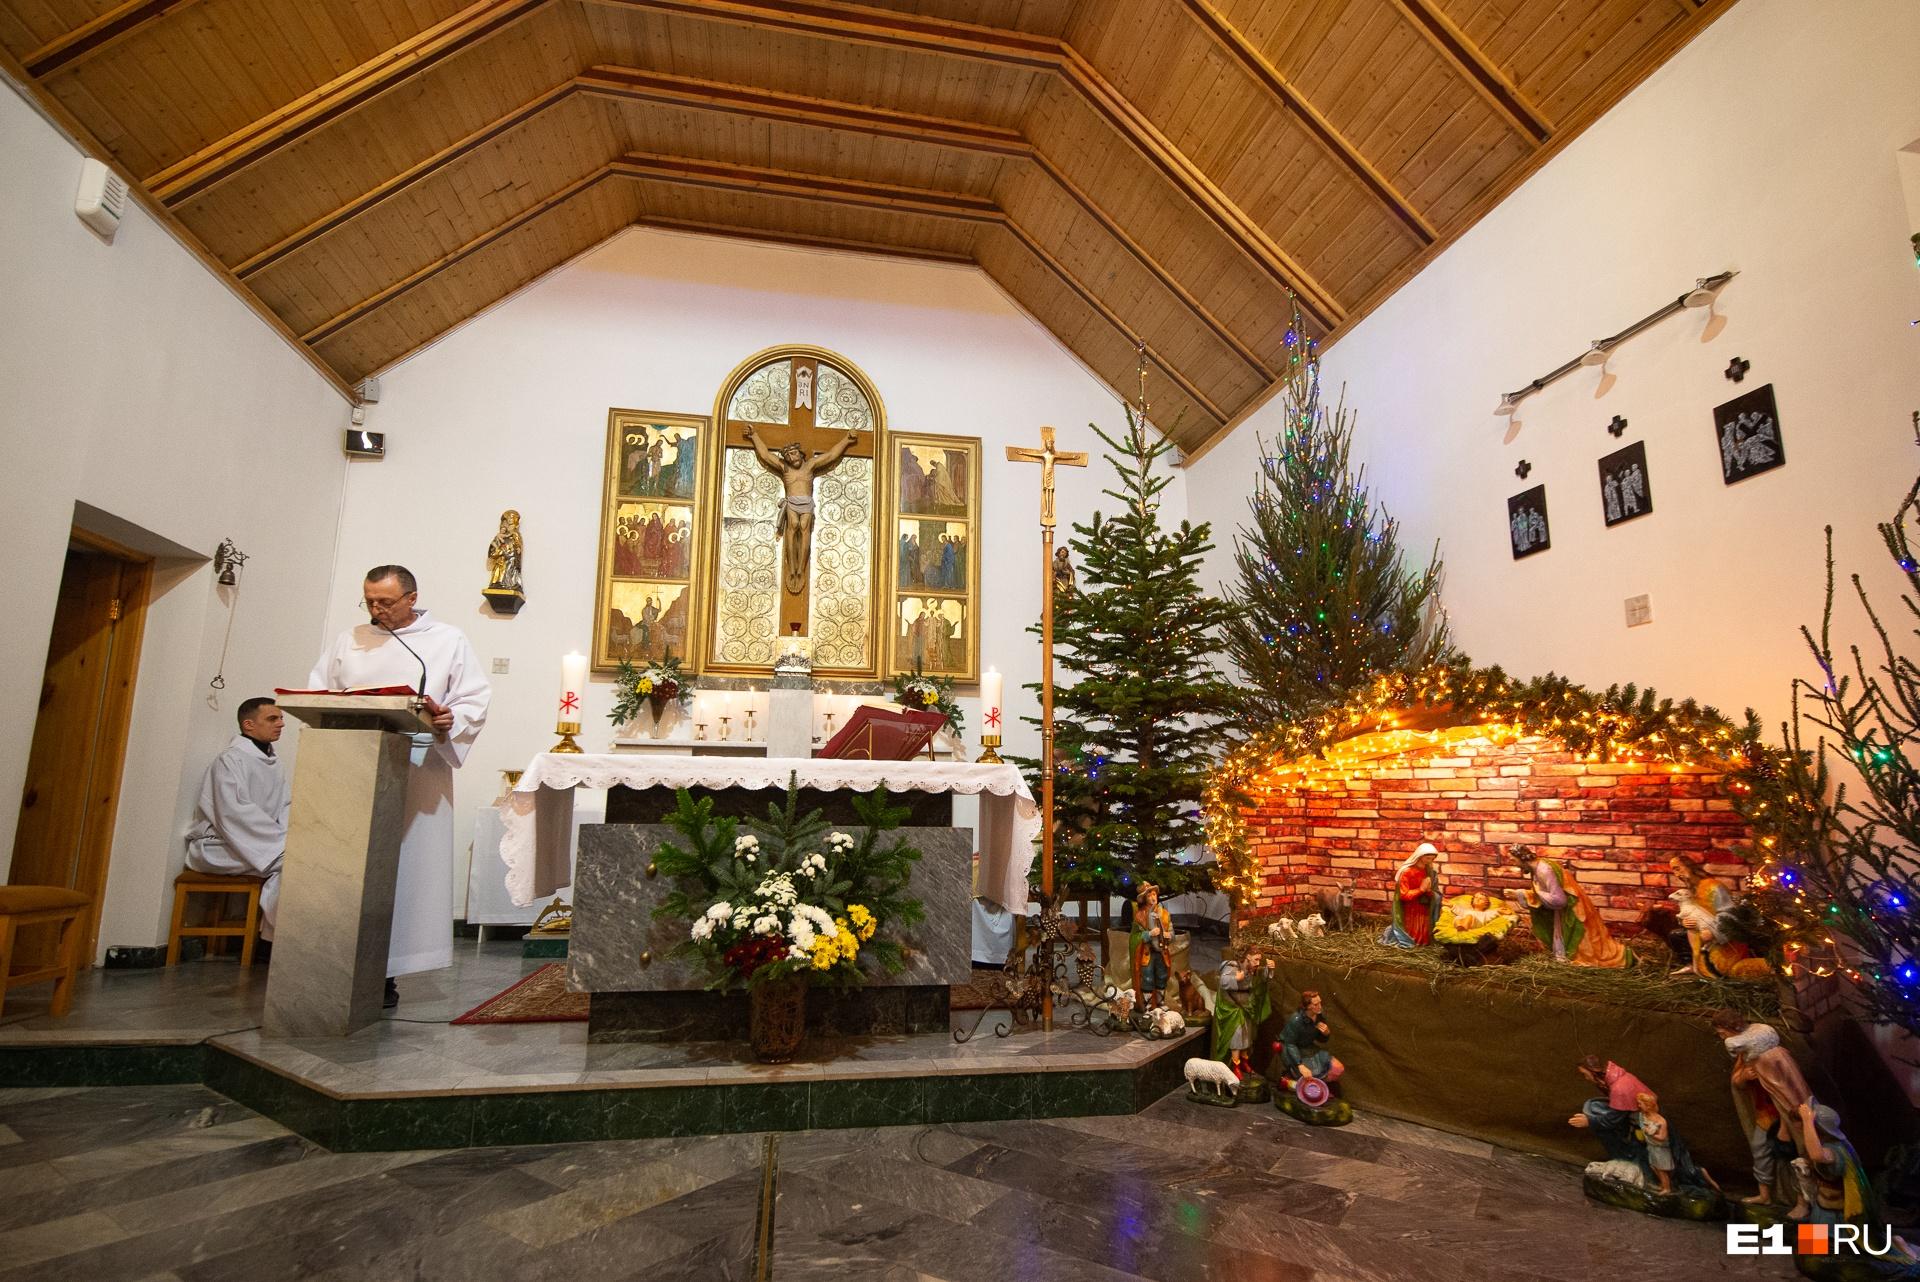 Рождественские украшения алтаря